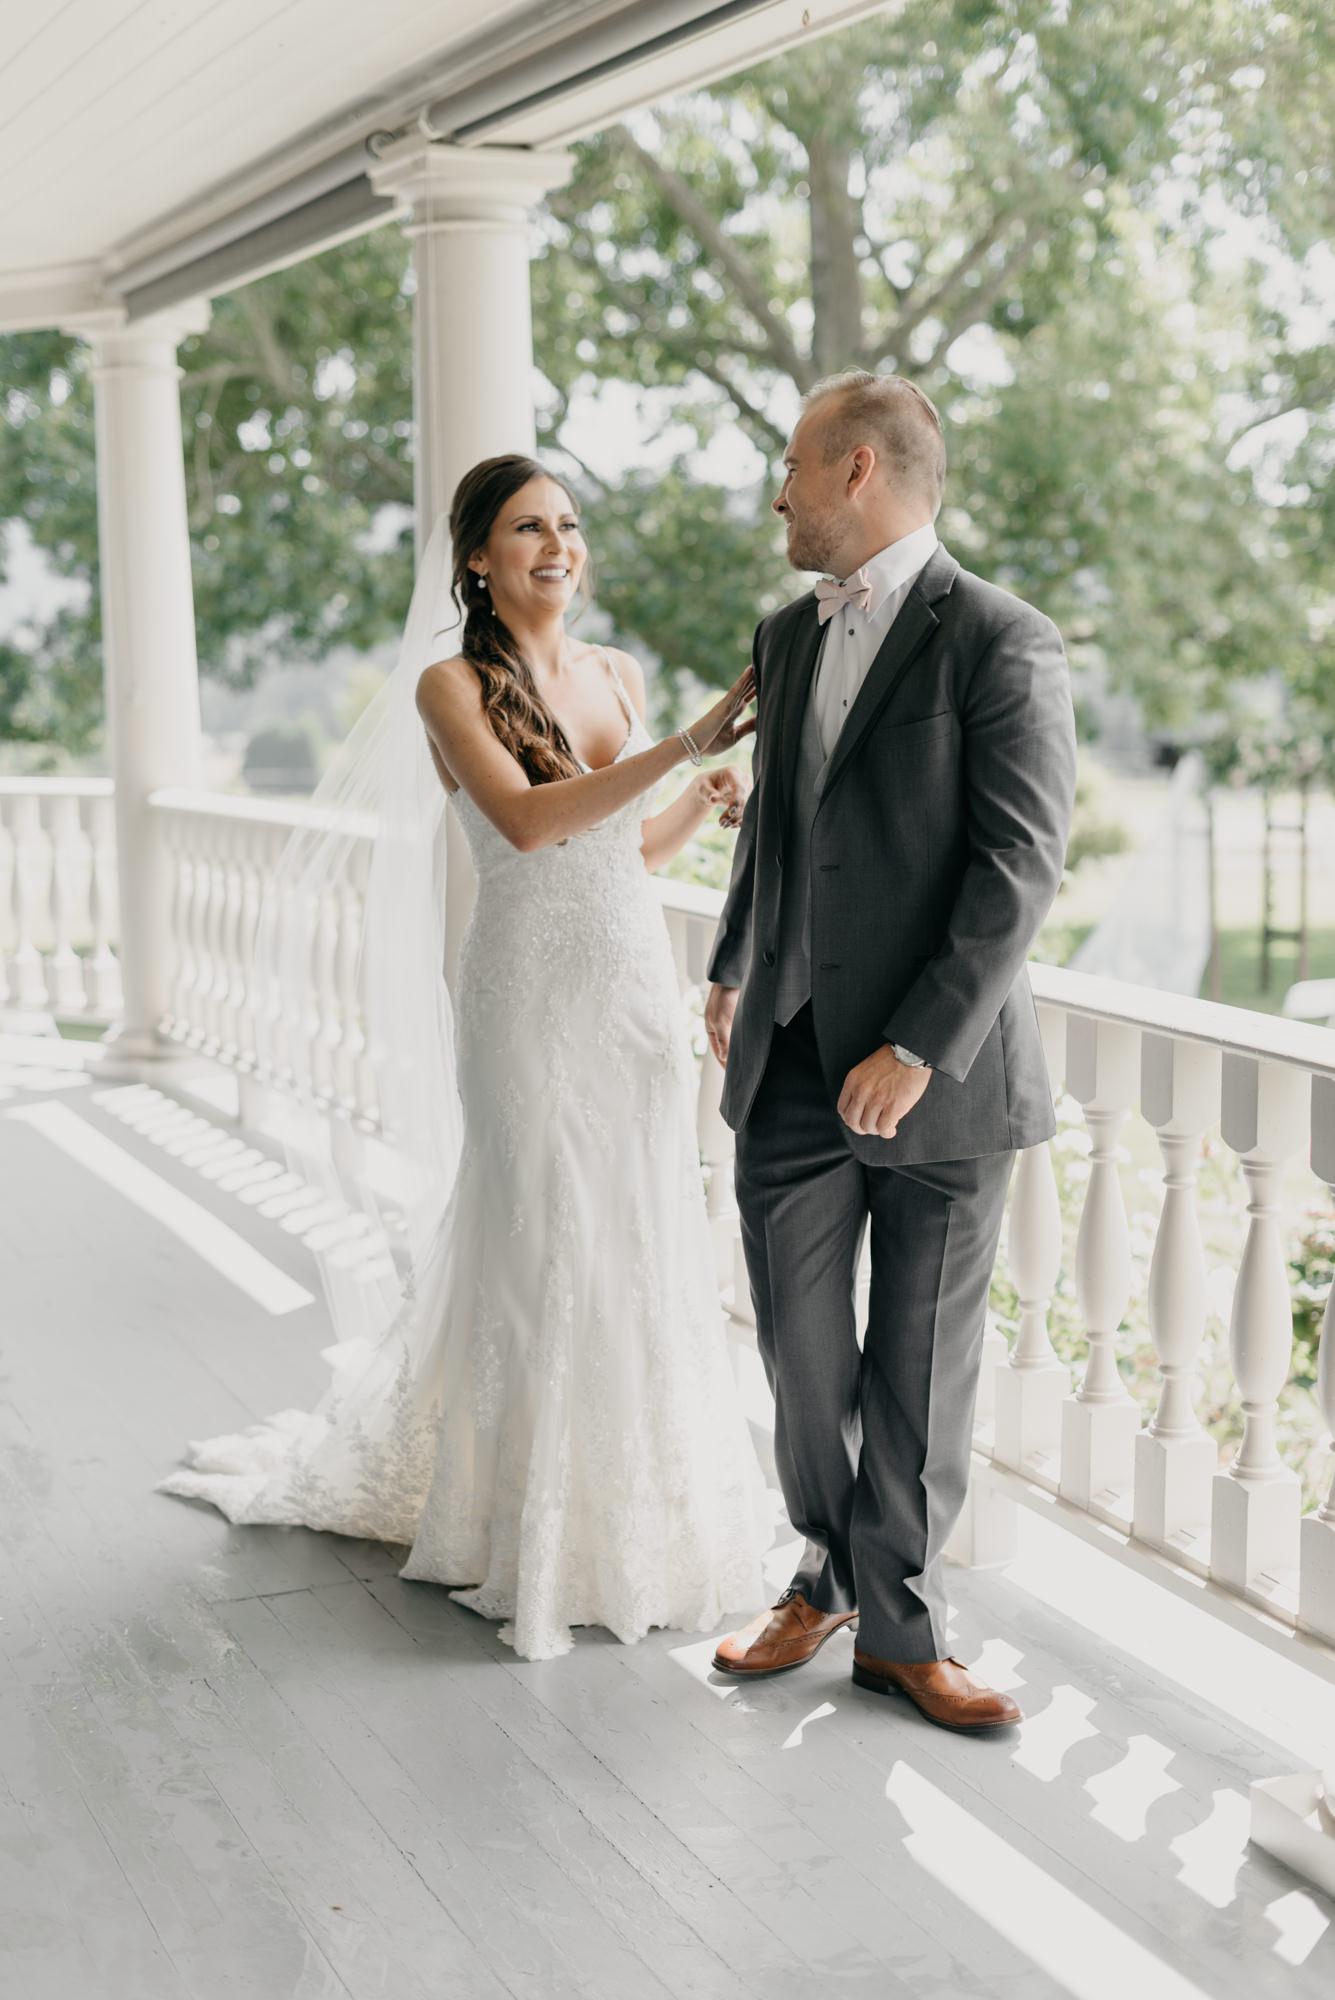 54-first-look-barn-kestrel-wedding-lake-oswego-wedding.jpg